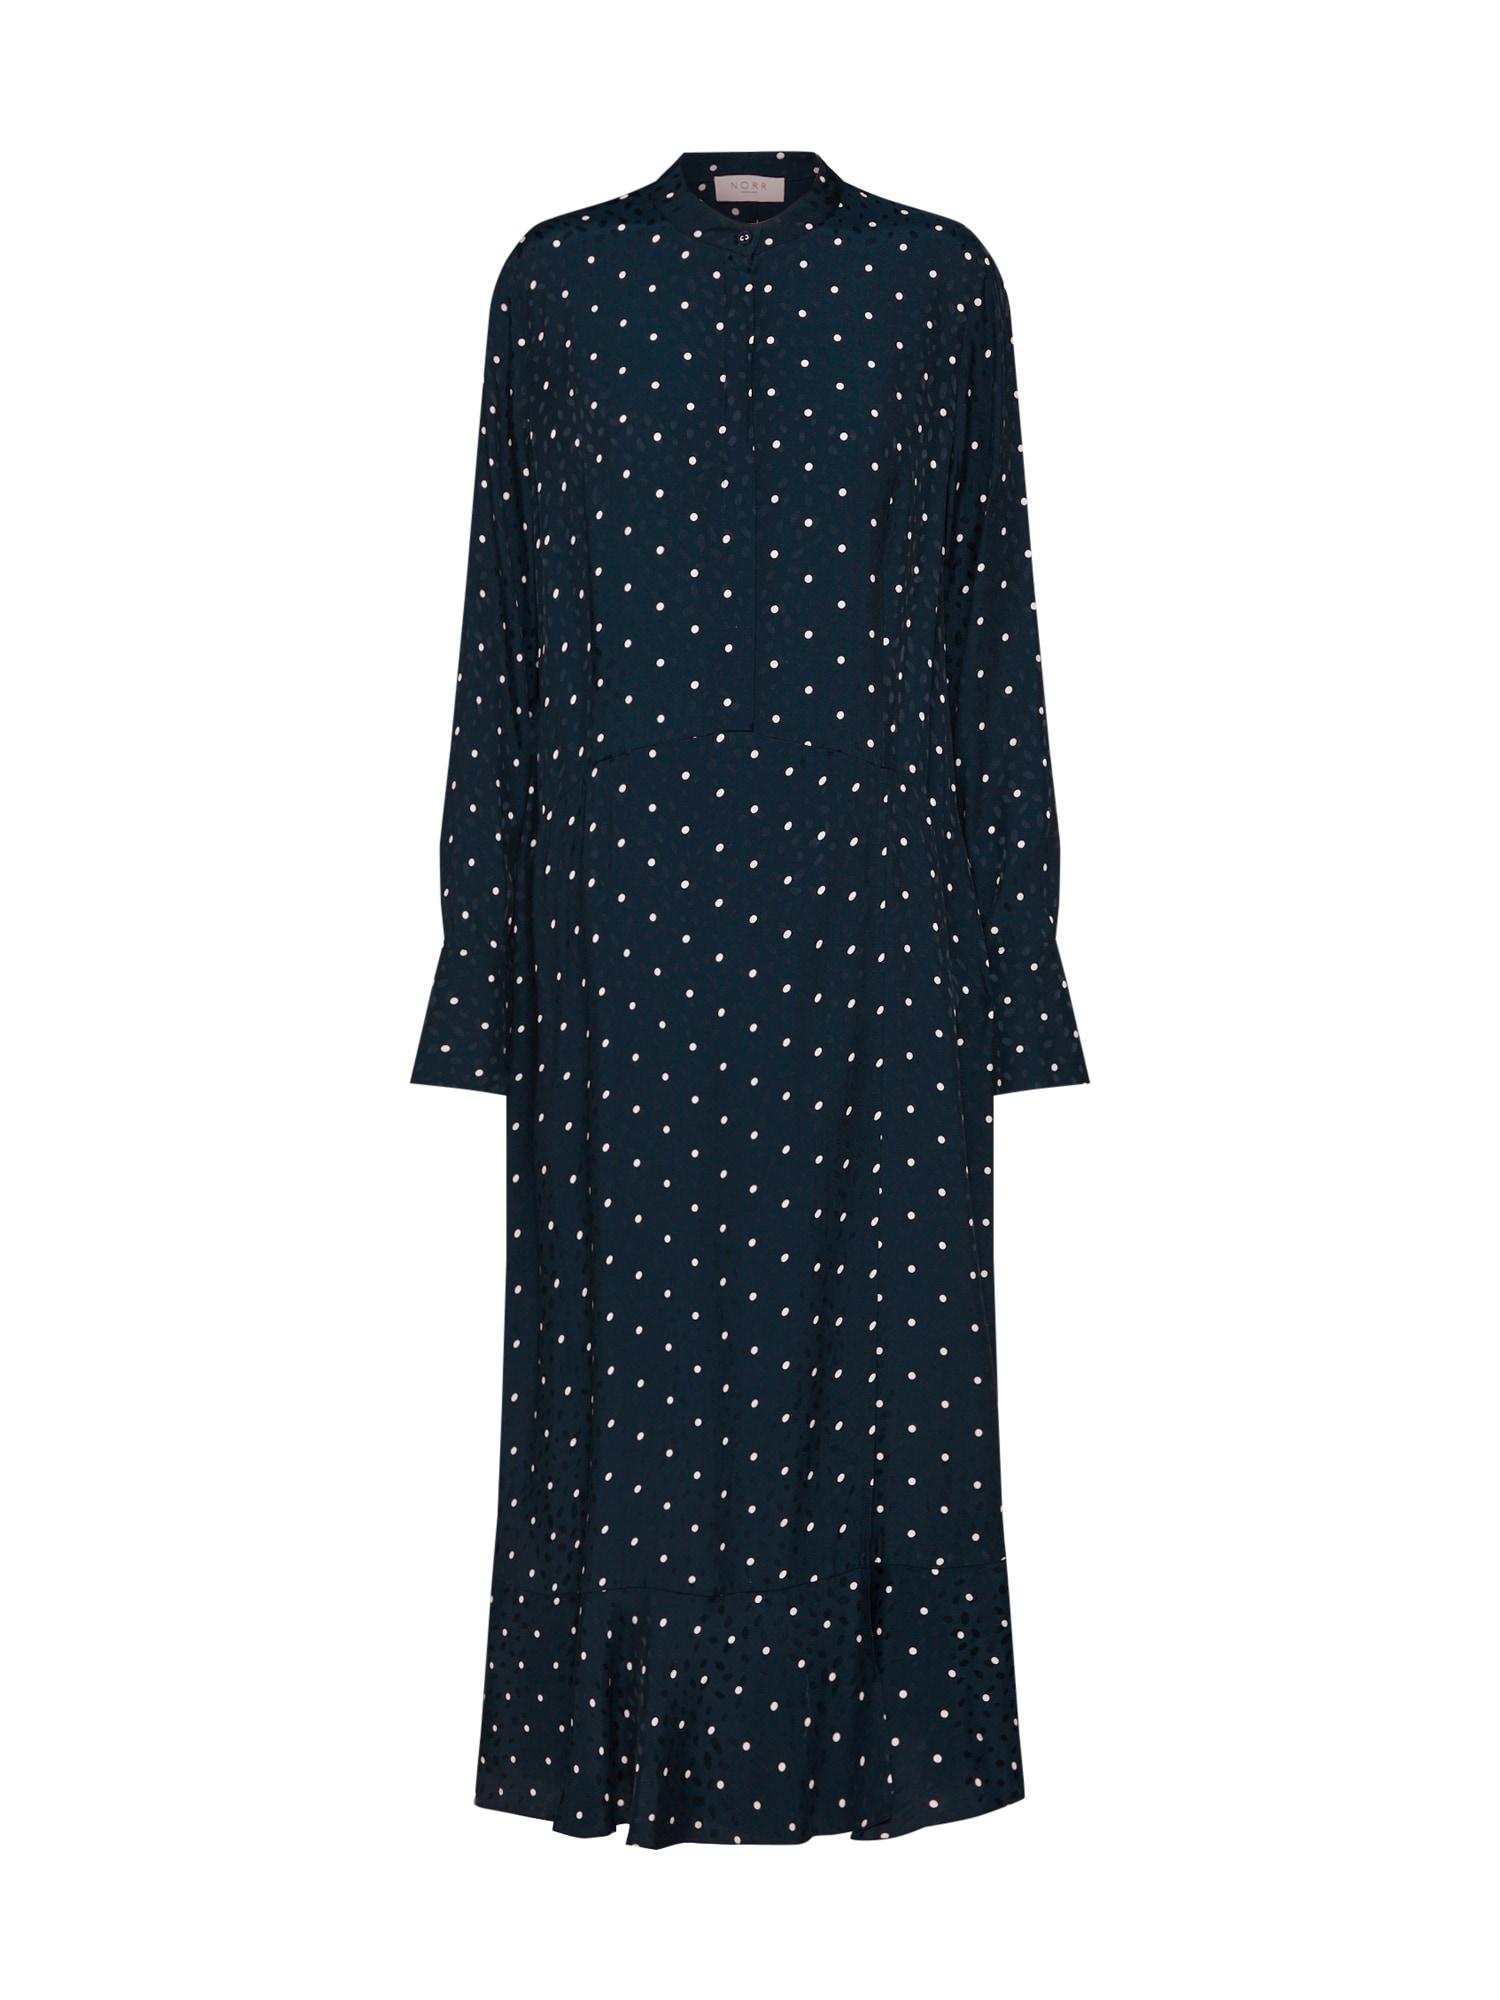 Šaty Shirin Dress námořnická modř NORR